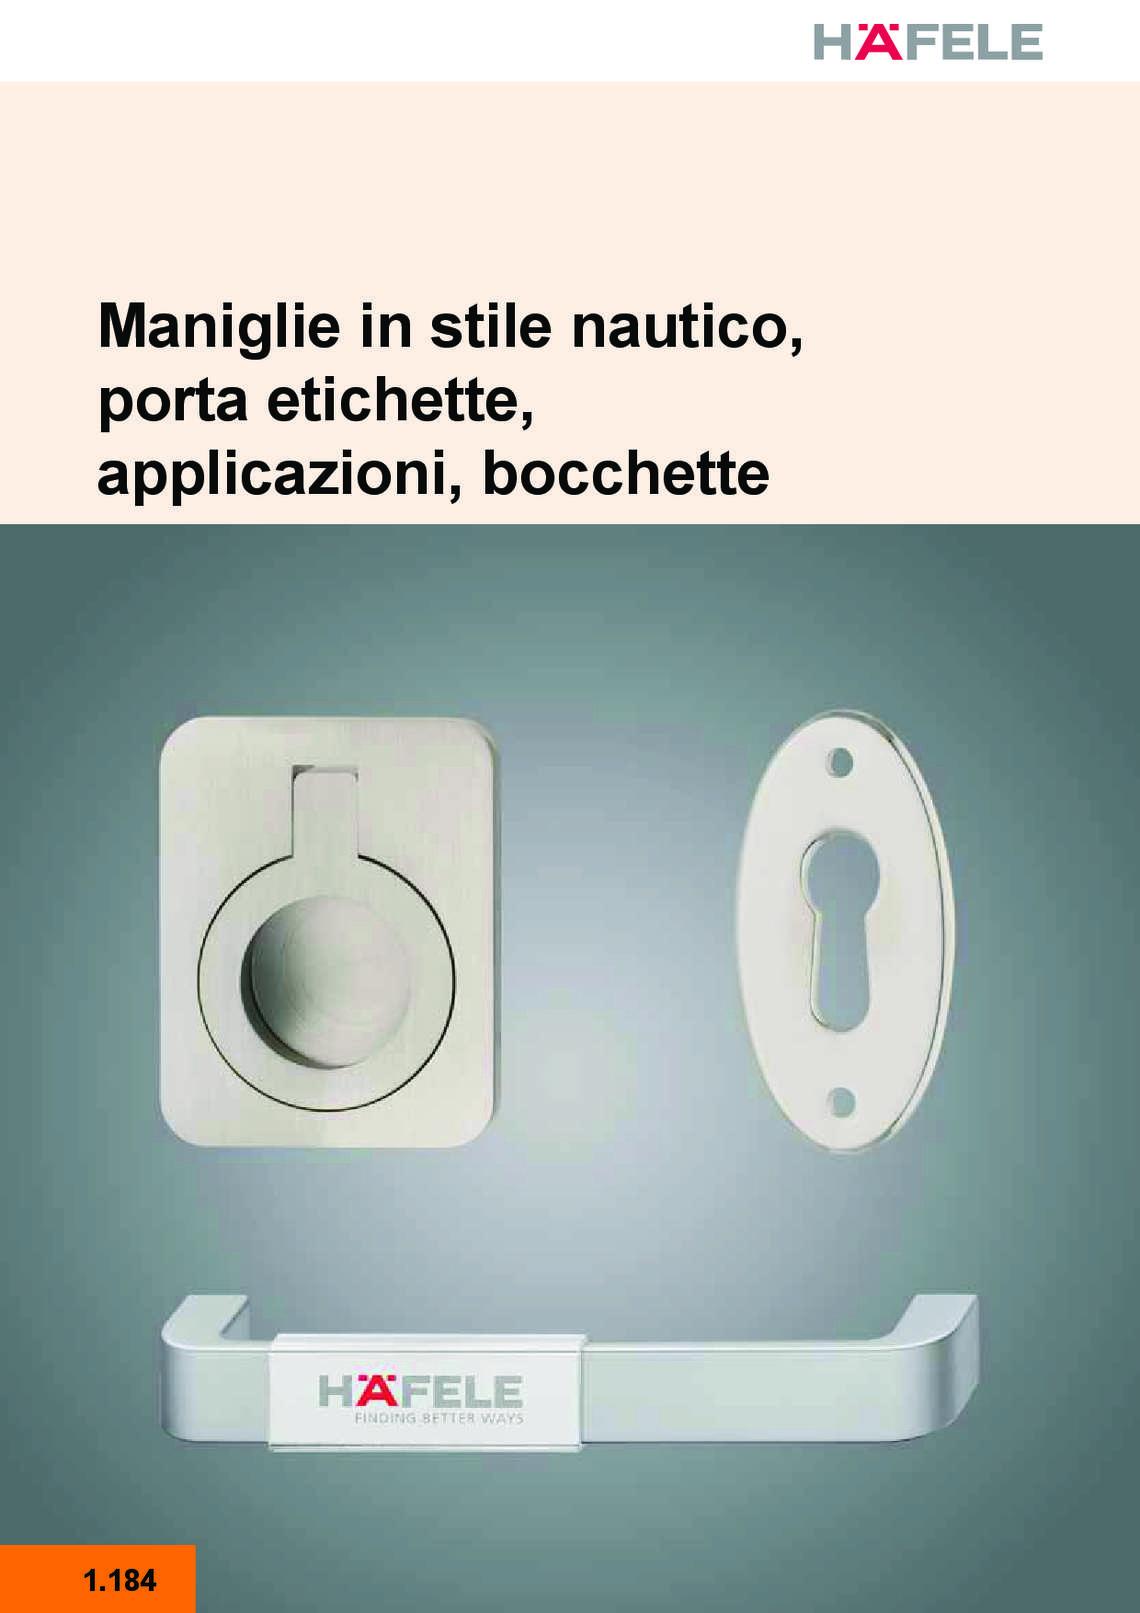 hafele-maniglie-e-pomoli_79_197.jpg